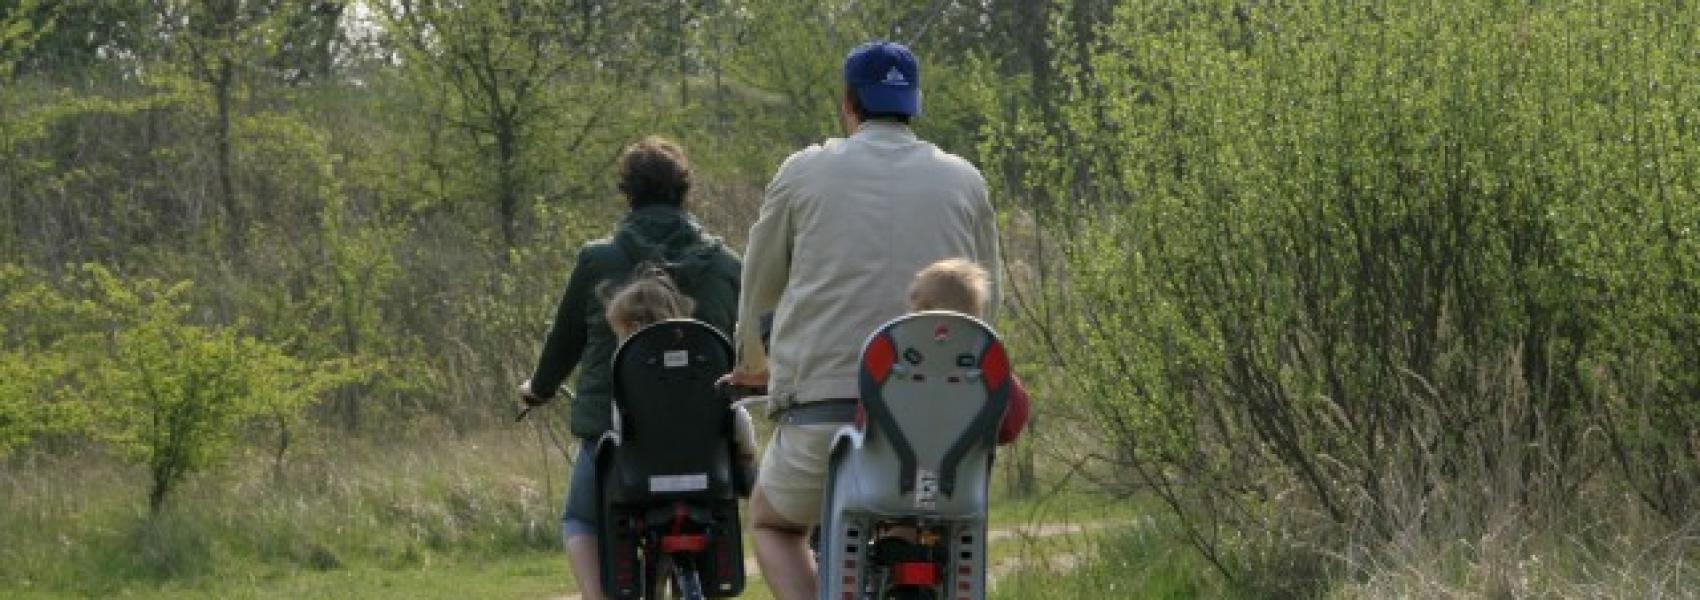 2 fietsers met kinderen achterop